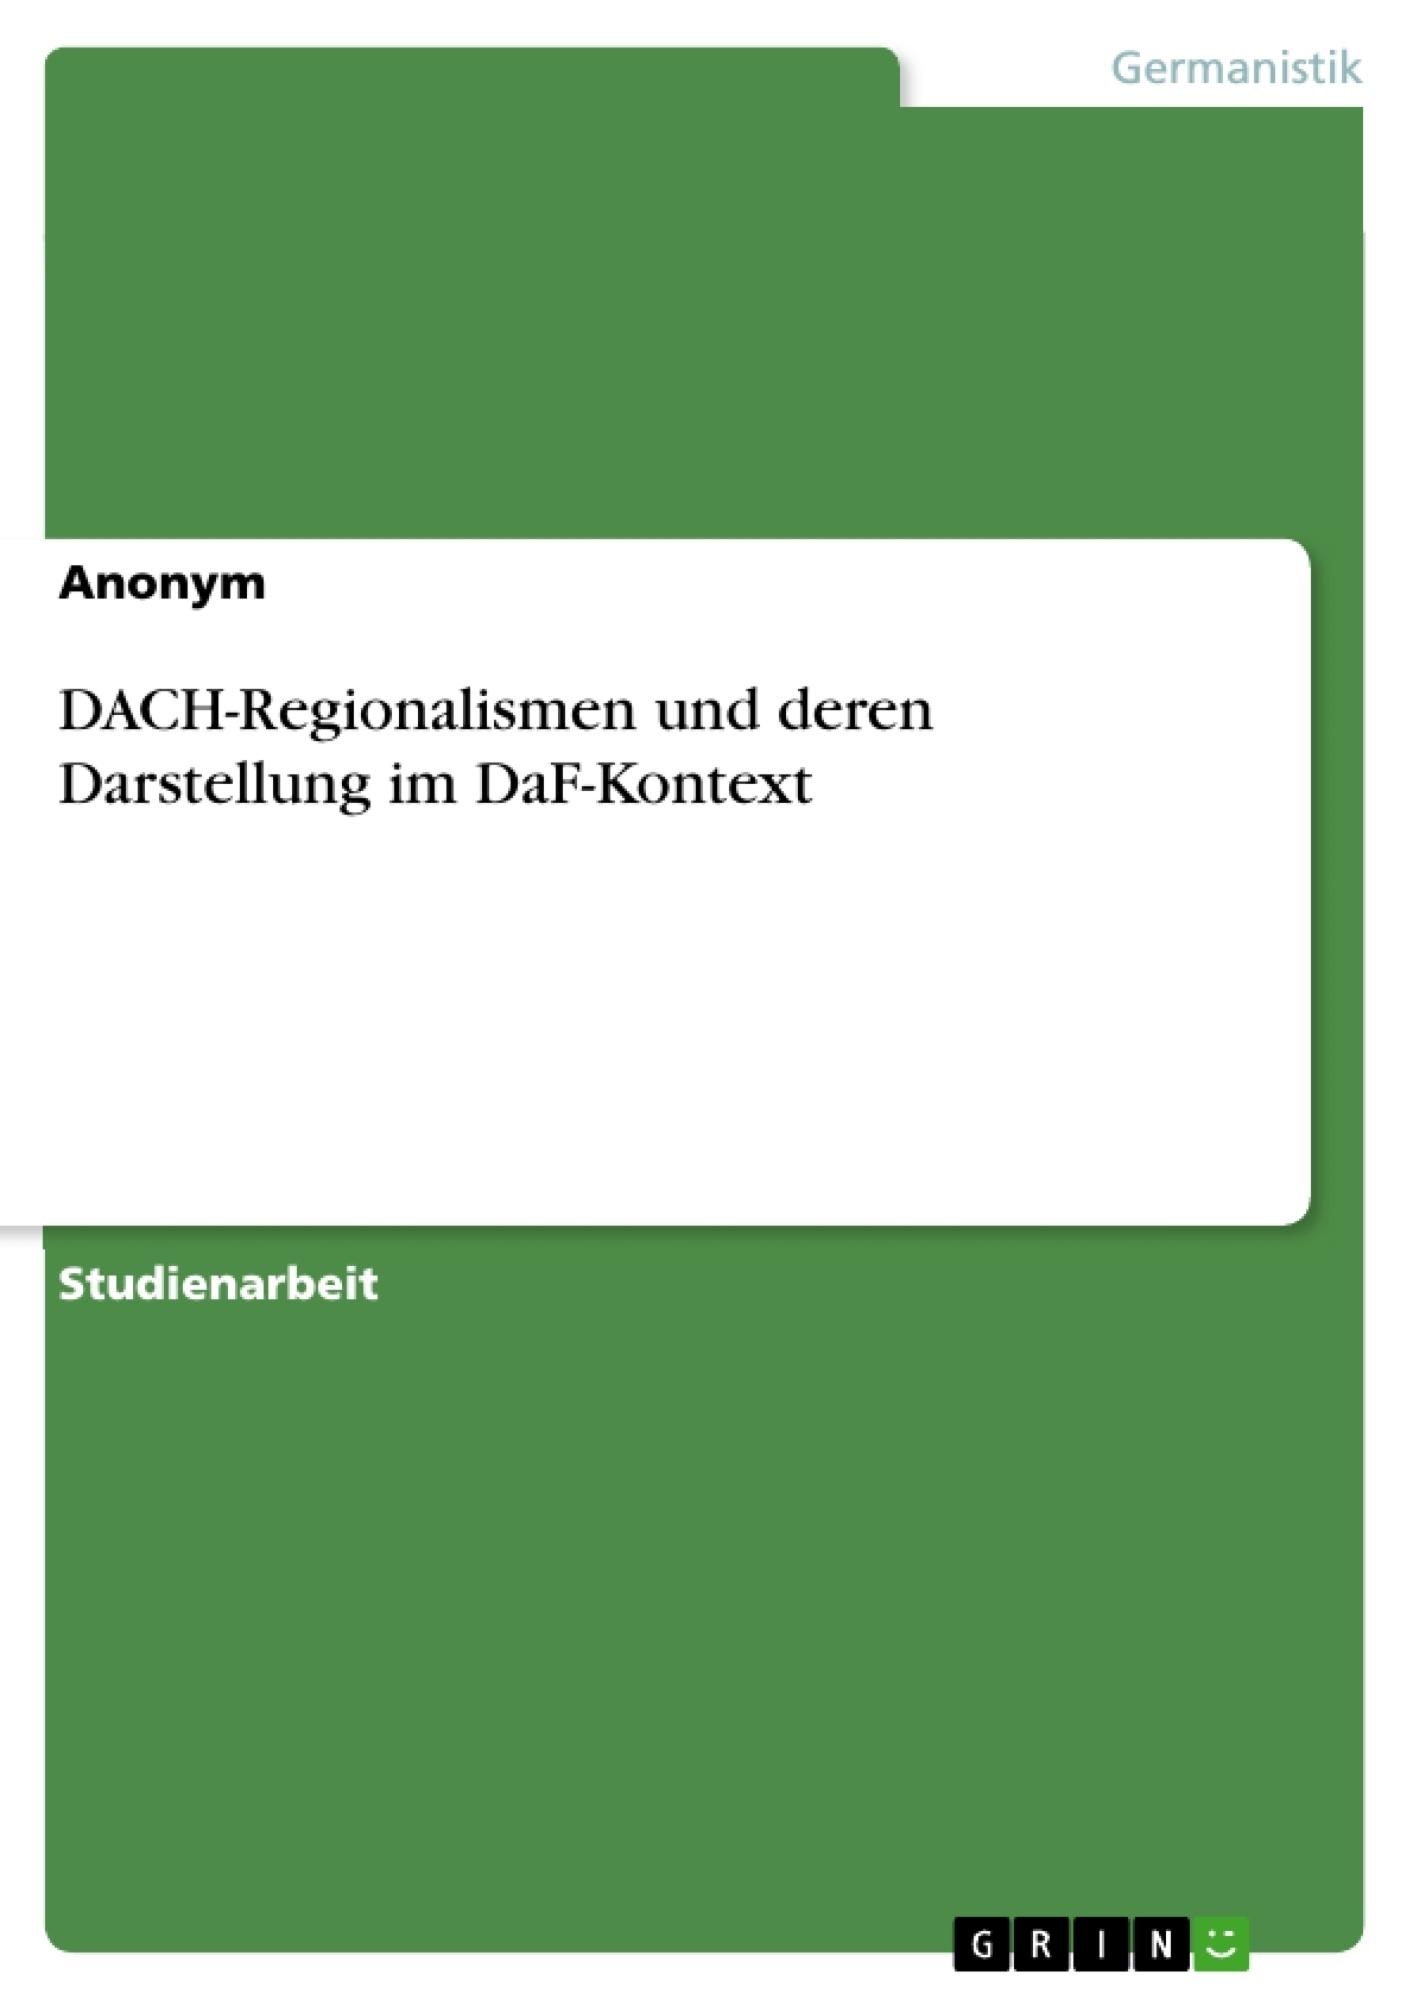 Titel: DACH-Regionalismen und deren Darstellung im DaF-Kontext